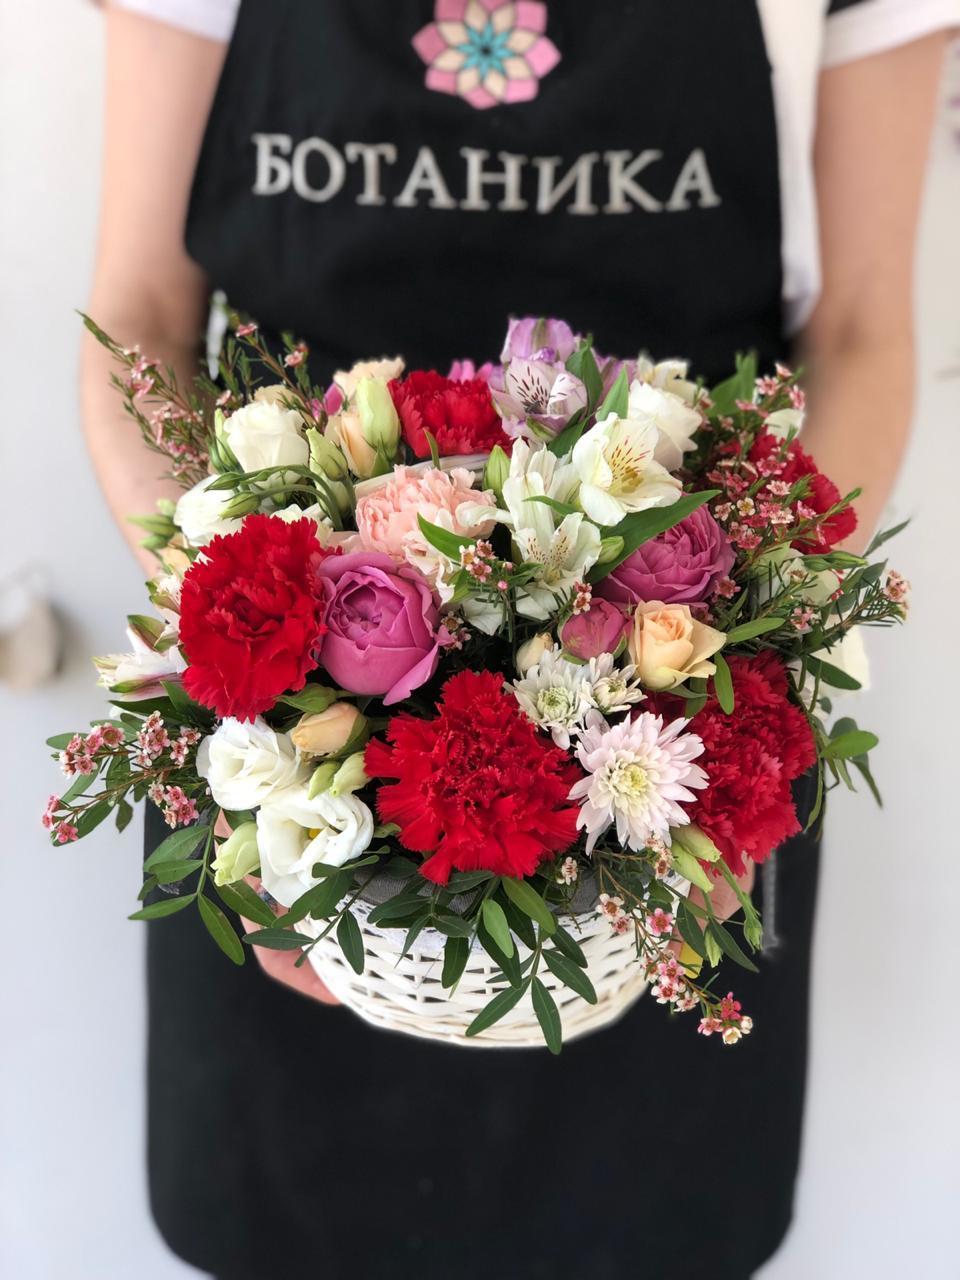 авторские букеты, цветочные композиции, доставка цветов в корзинке